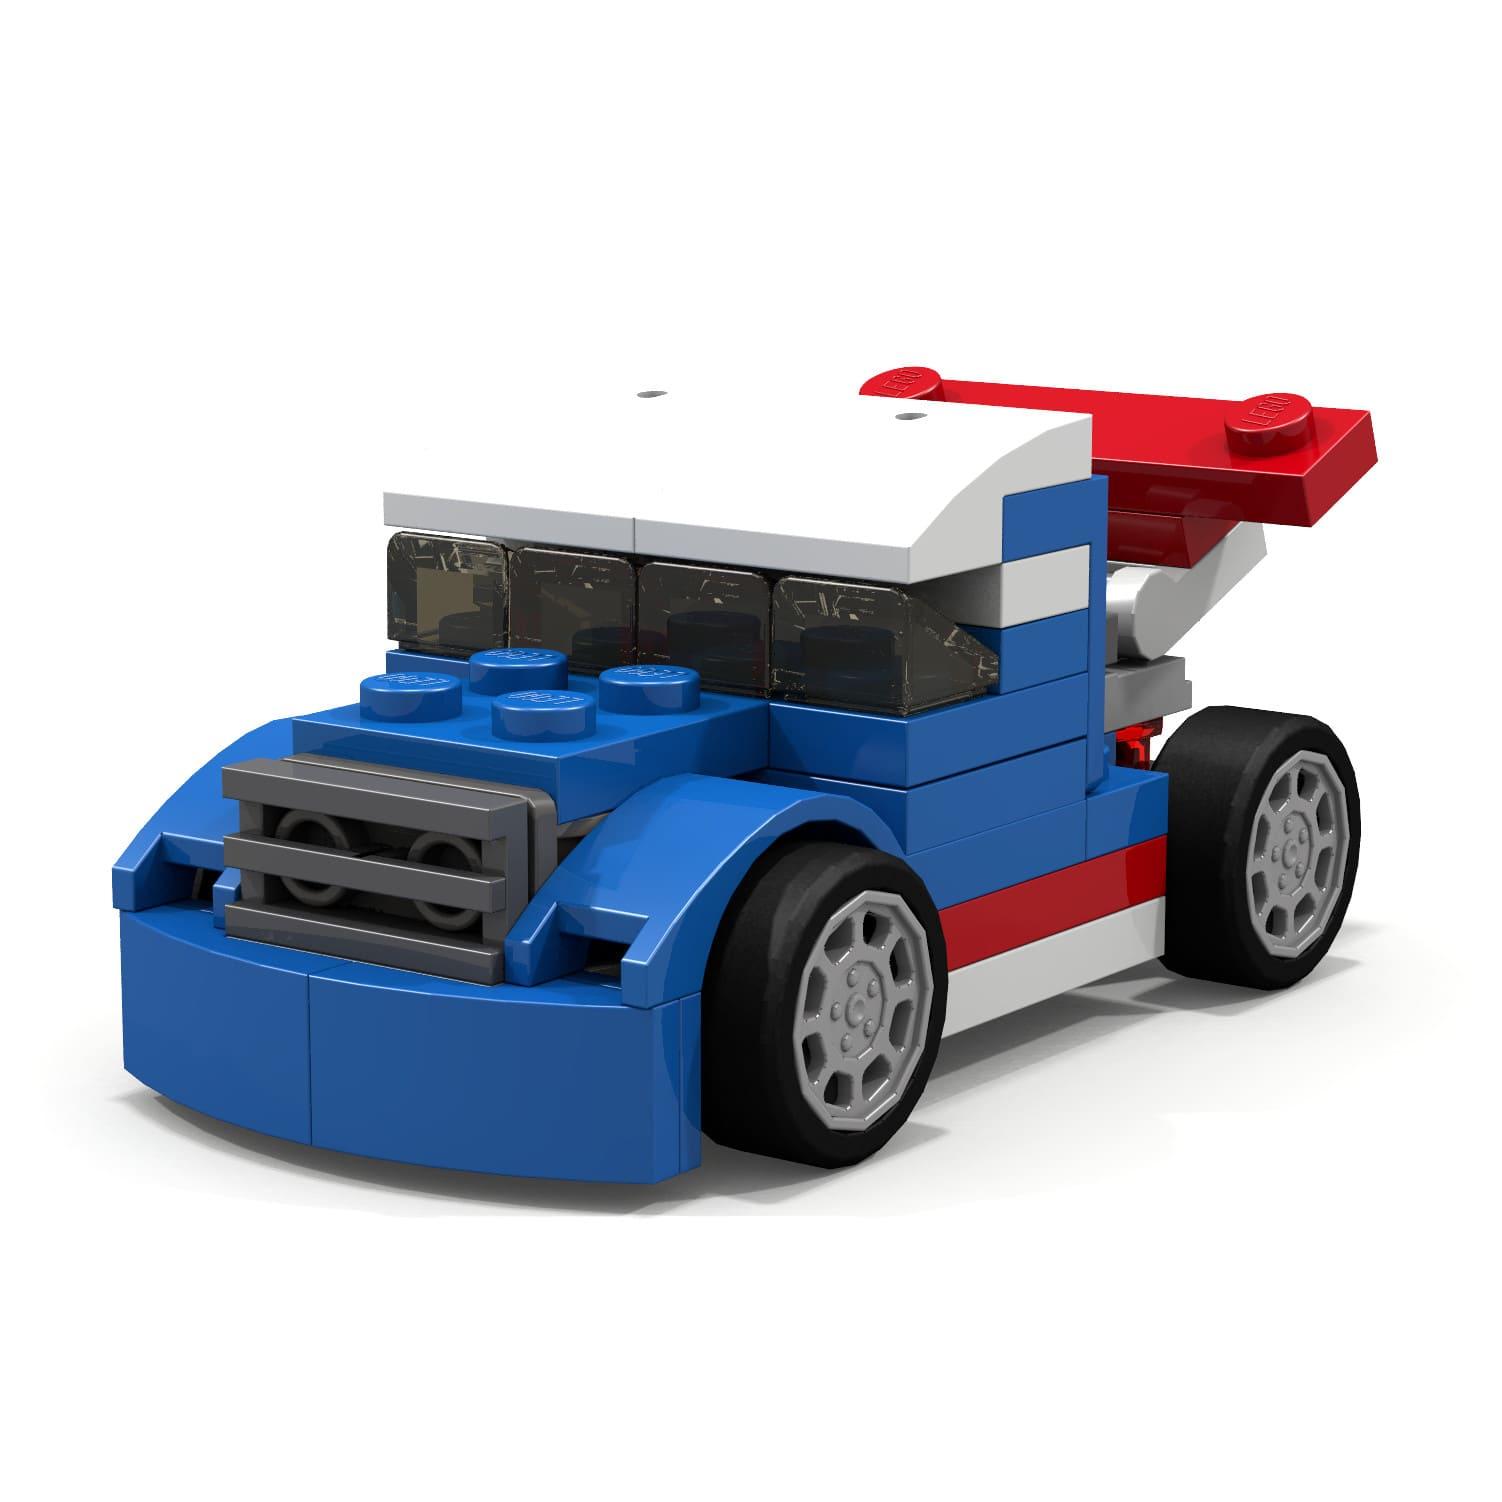 Xe đua Lego màu xanh